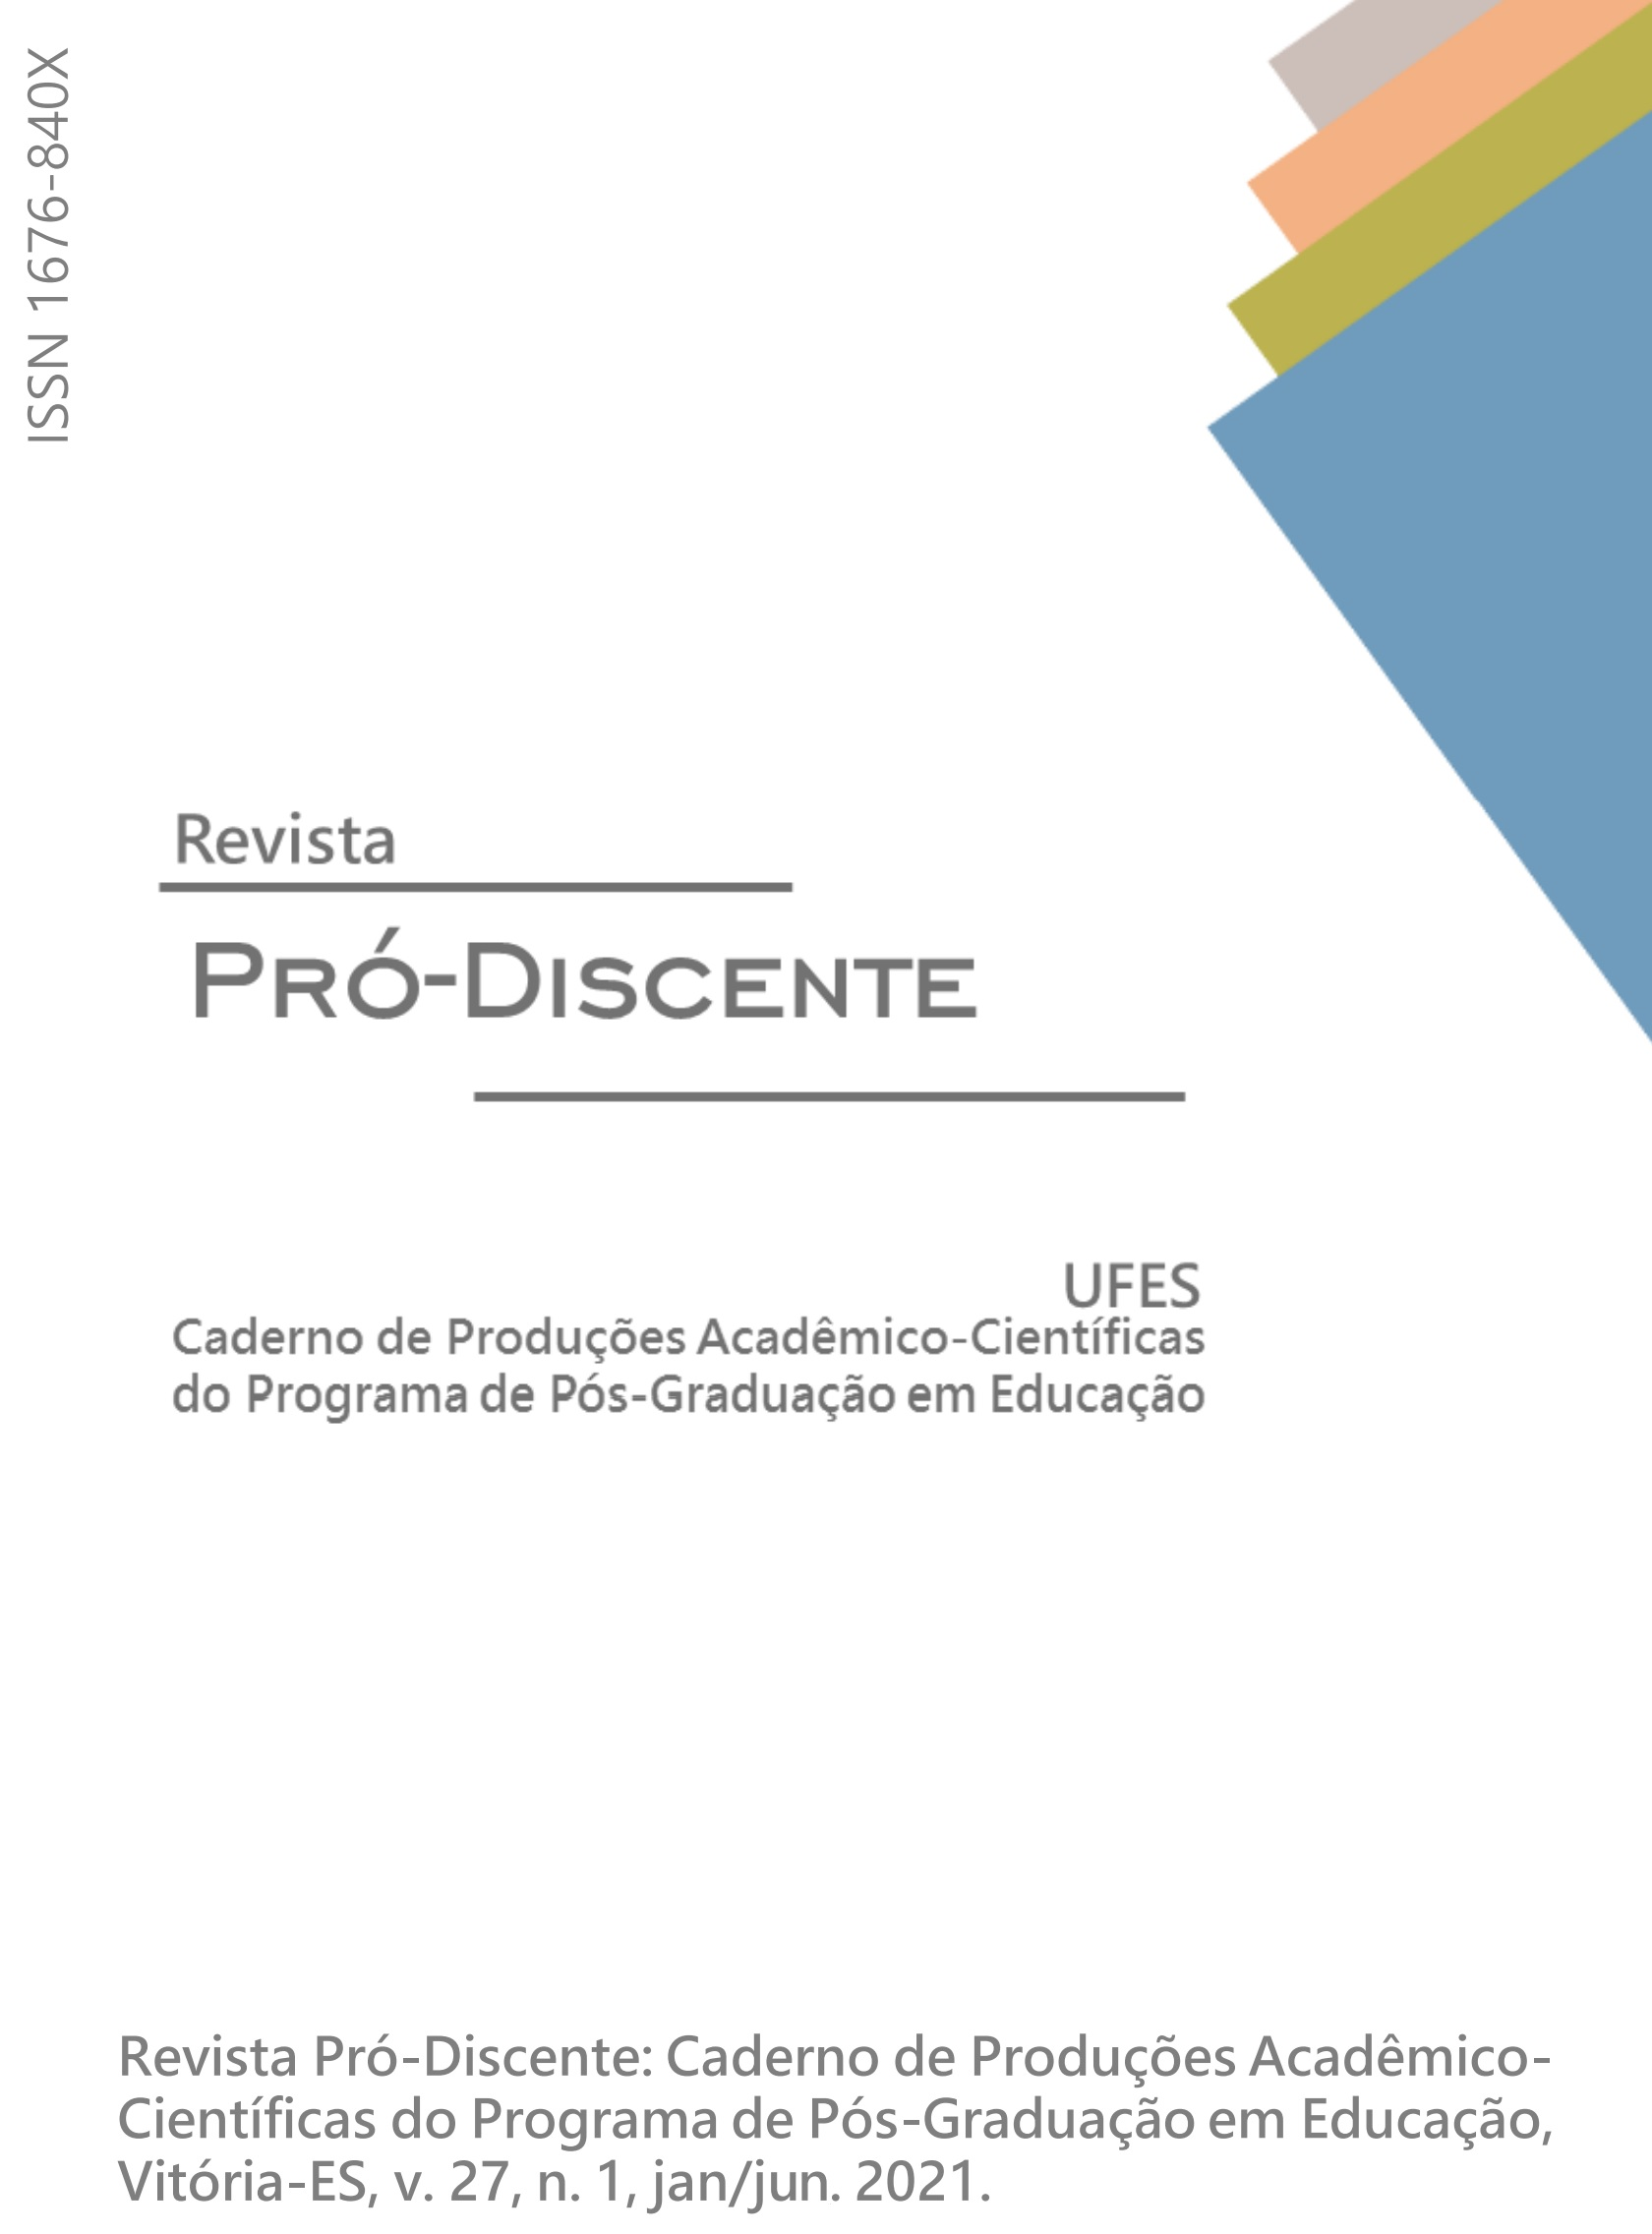 Visualizar v. 27 n. 1 (2021): Revista Pró-Discente: Caderno de Produções Acadêmico-Científicas do Programa de Pós-Graduação em Educação - UFES